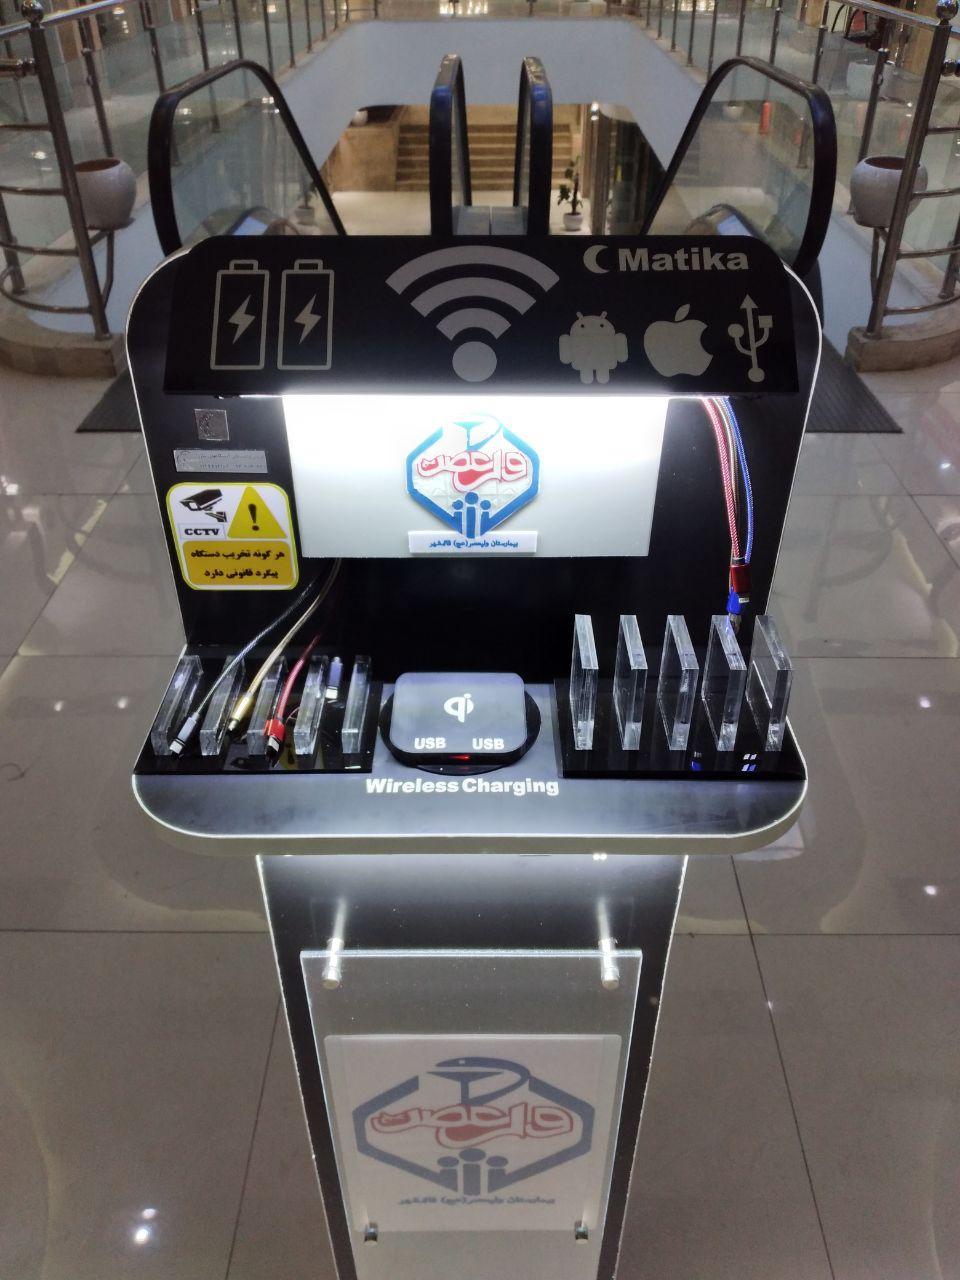 ایستگاه شارژر موبایل مدل TWIIP پایه دار با ظاهری زیبا و کیفیت مناسب دارای قابلیت شارژ فست همزمان ۸ گوشی موبایل و تبلت از انواع مختلف و یک شارژر وایرلس روکار می باشد که باتوجه به ابعاد آن ۲۲×۱۳۲×۴۲ سانتی متر امکان قرار گیری و نصب روی زمین و یا دیوار در هر نقطه ای را دارد و امکان نصب لوگو برند روی دستگاه وجود دارد و همچنین دارای فضای تبلیغاتیCM ۲۸×۸۰ در روی پایه ها می باشد